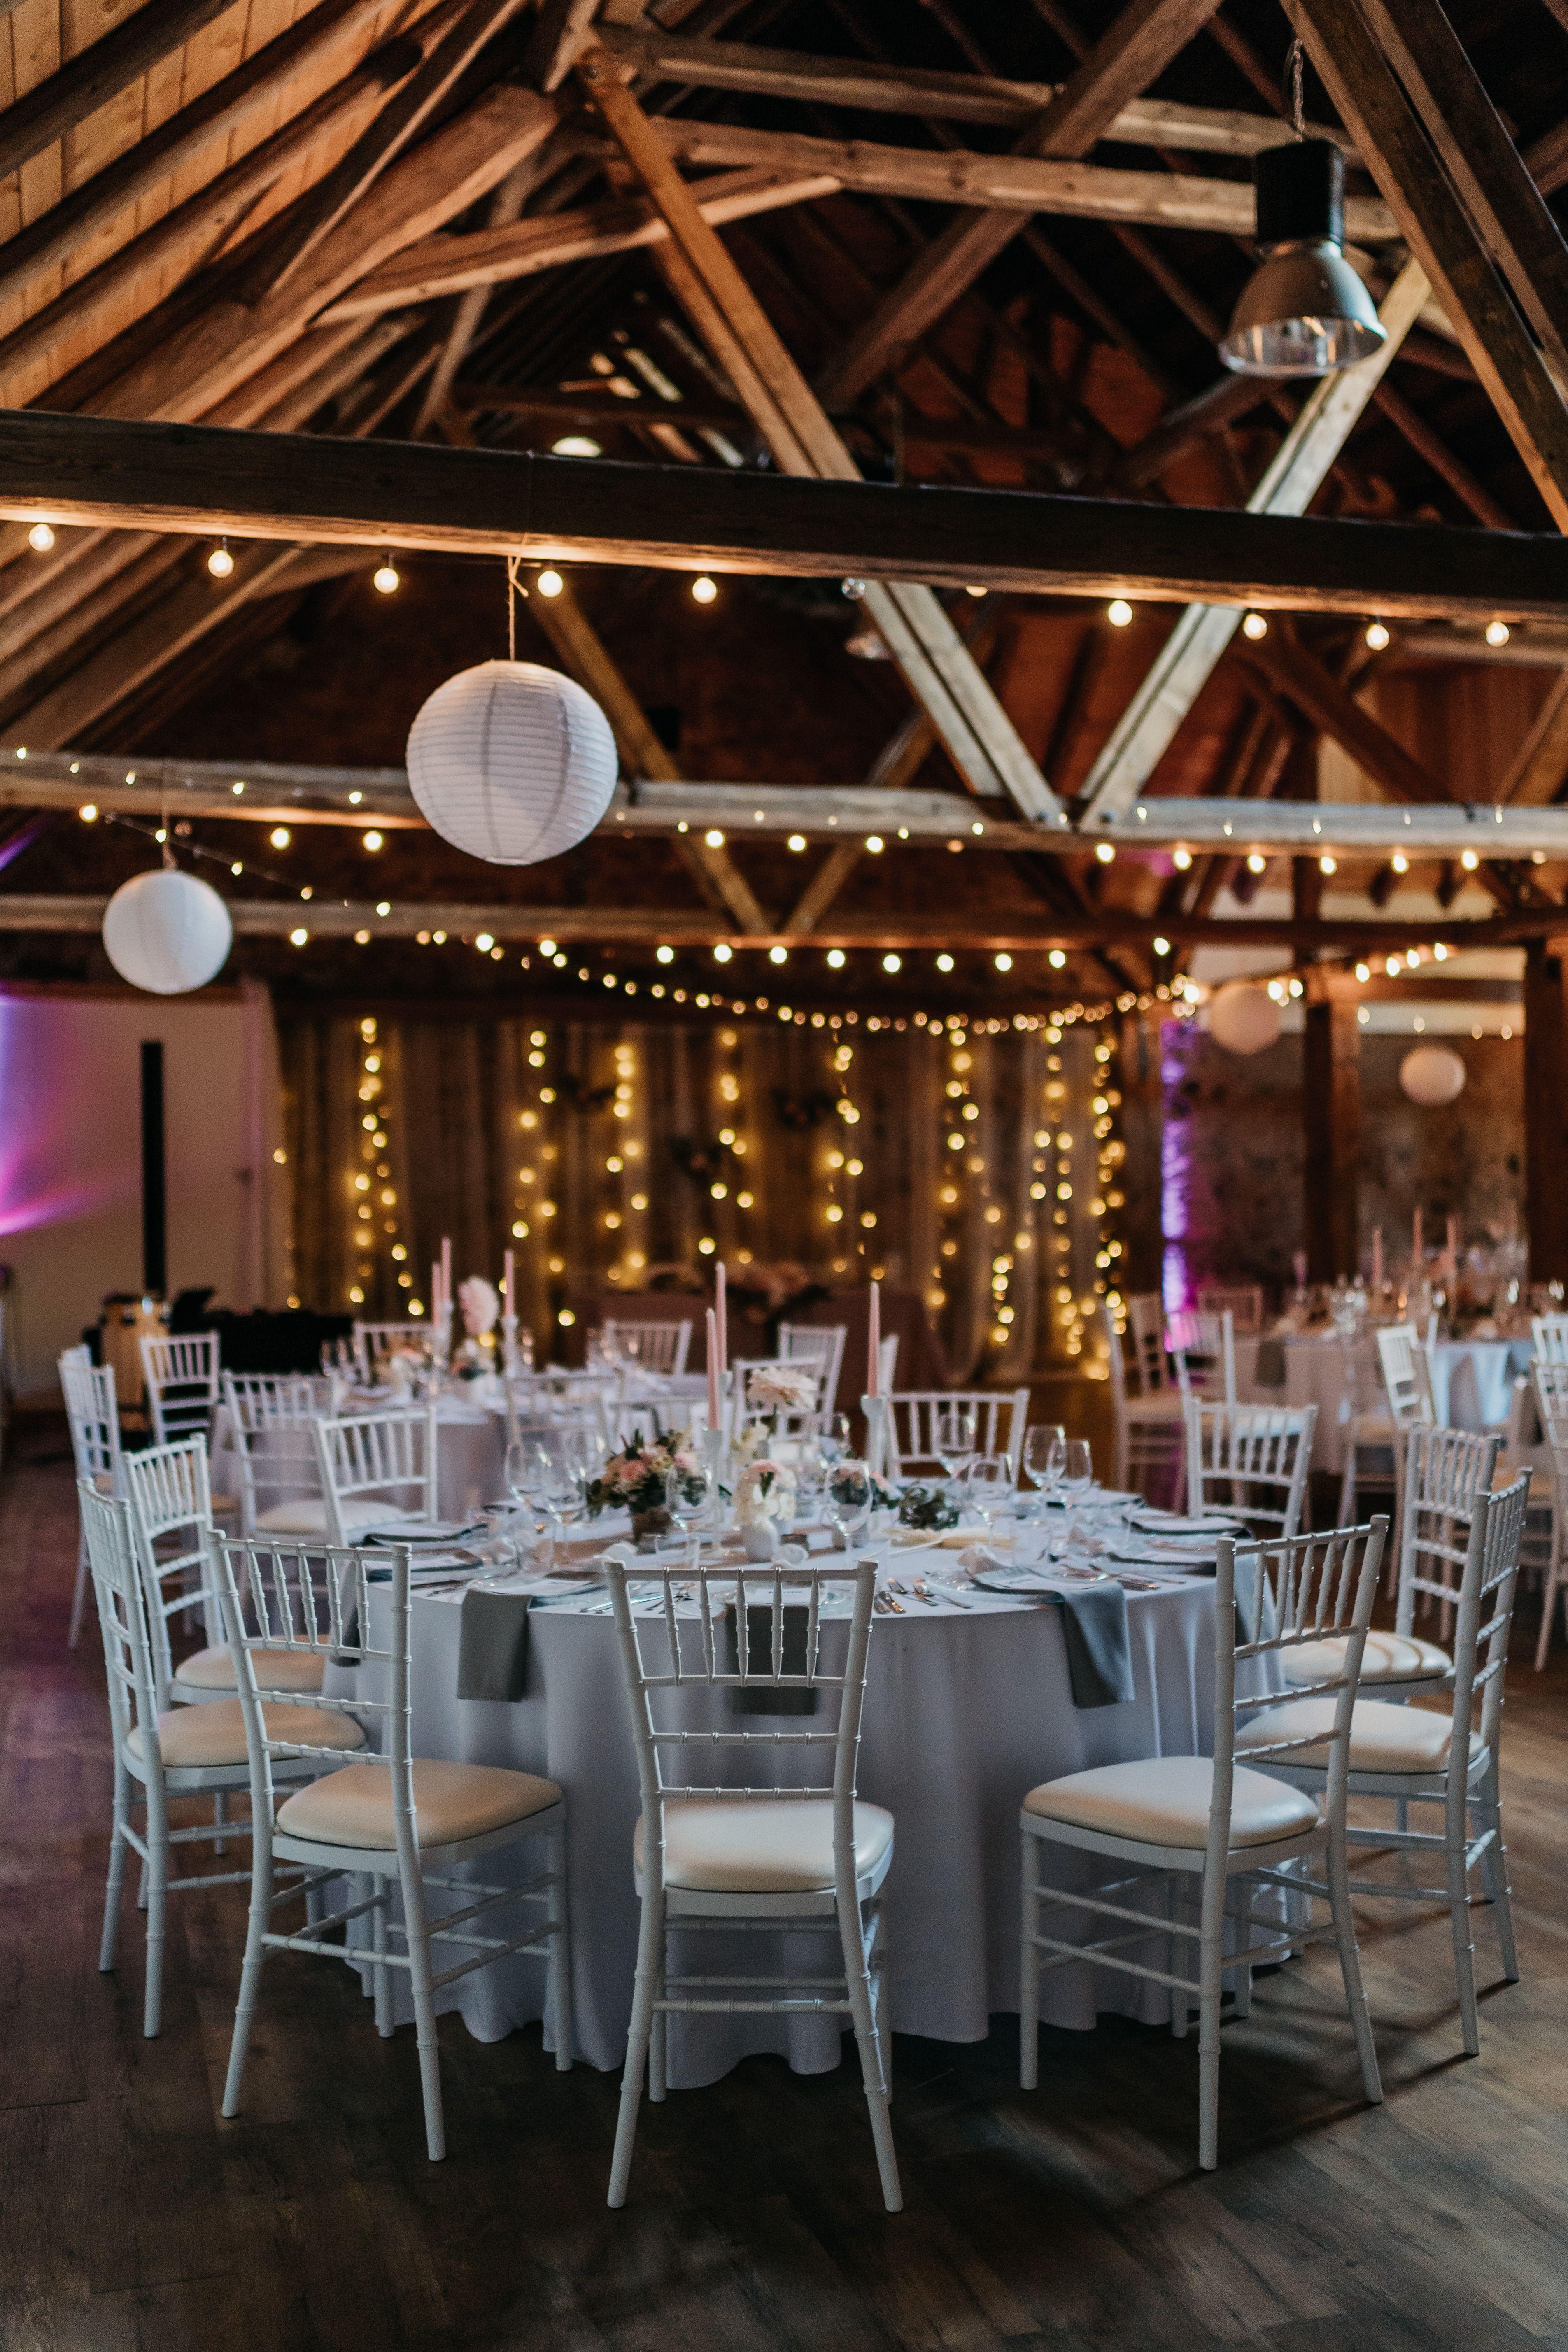 Scheunenhochzeit In Der Obermuhle Langenselbold Scheunen Hochzeit Lichterketten Hochzeit Hochzeit